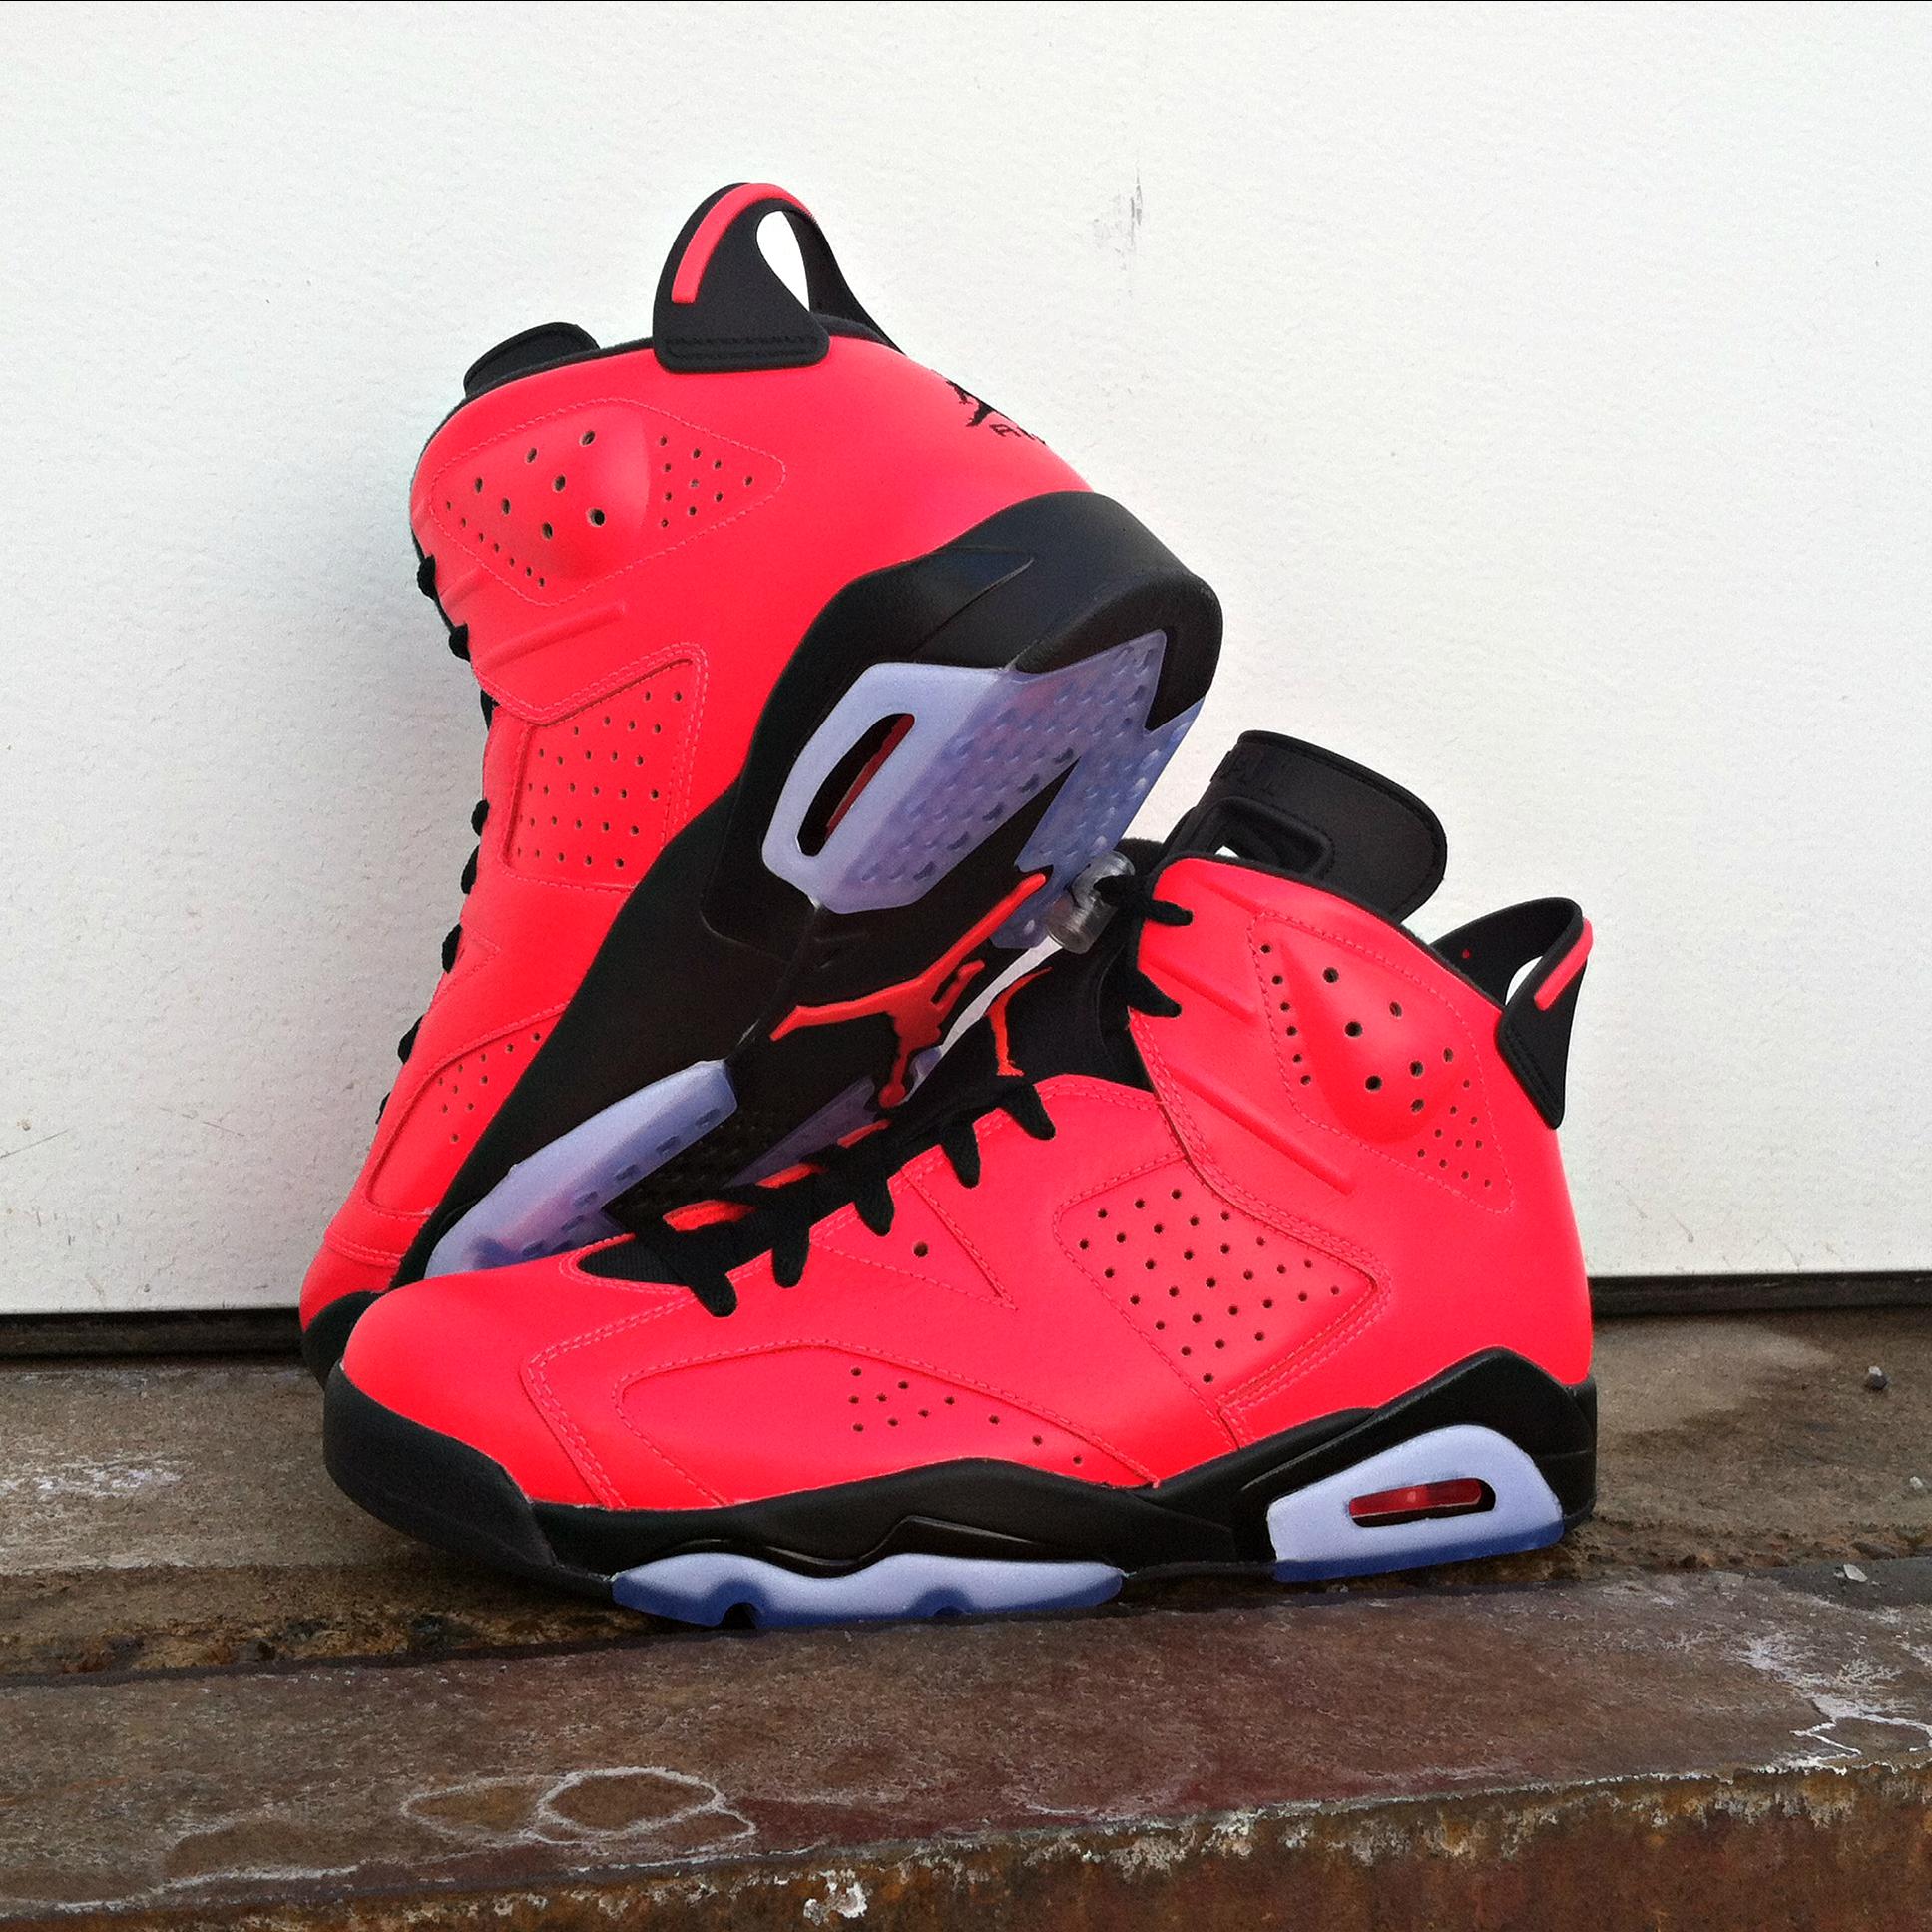 Eastbay Prepare To Win Shoes Sneakers Jordans Sneakers Popular Sneakers